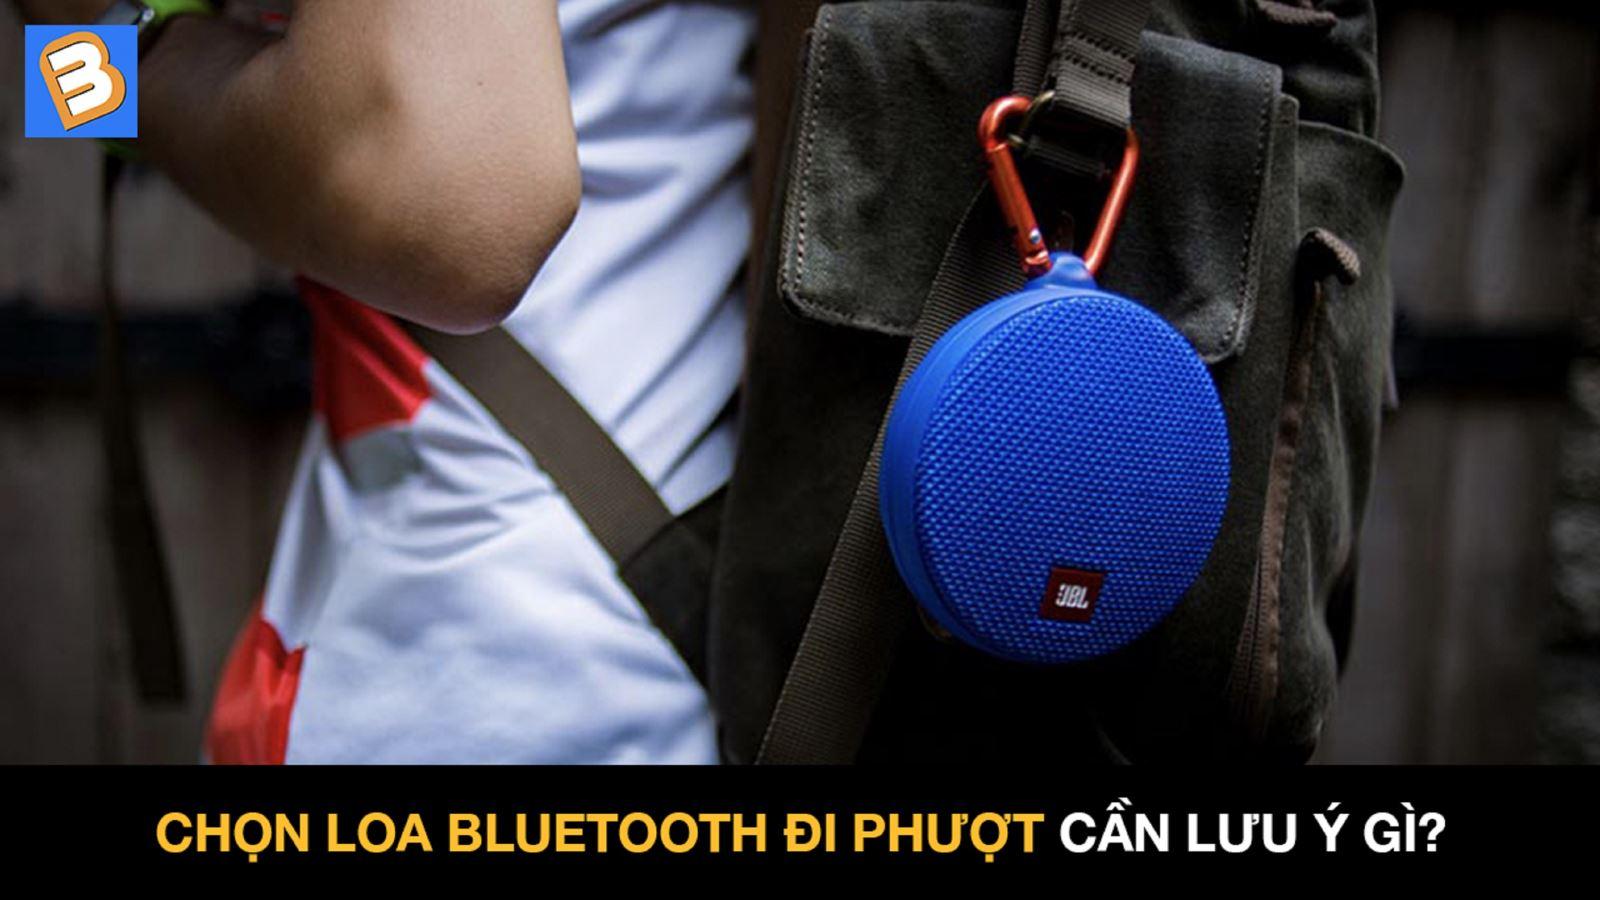 Chọn loa bluetooth đi phượt cần lưu ý gì?